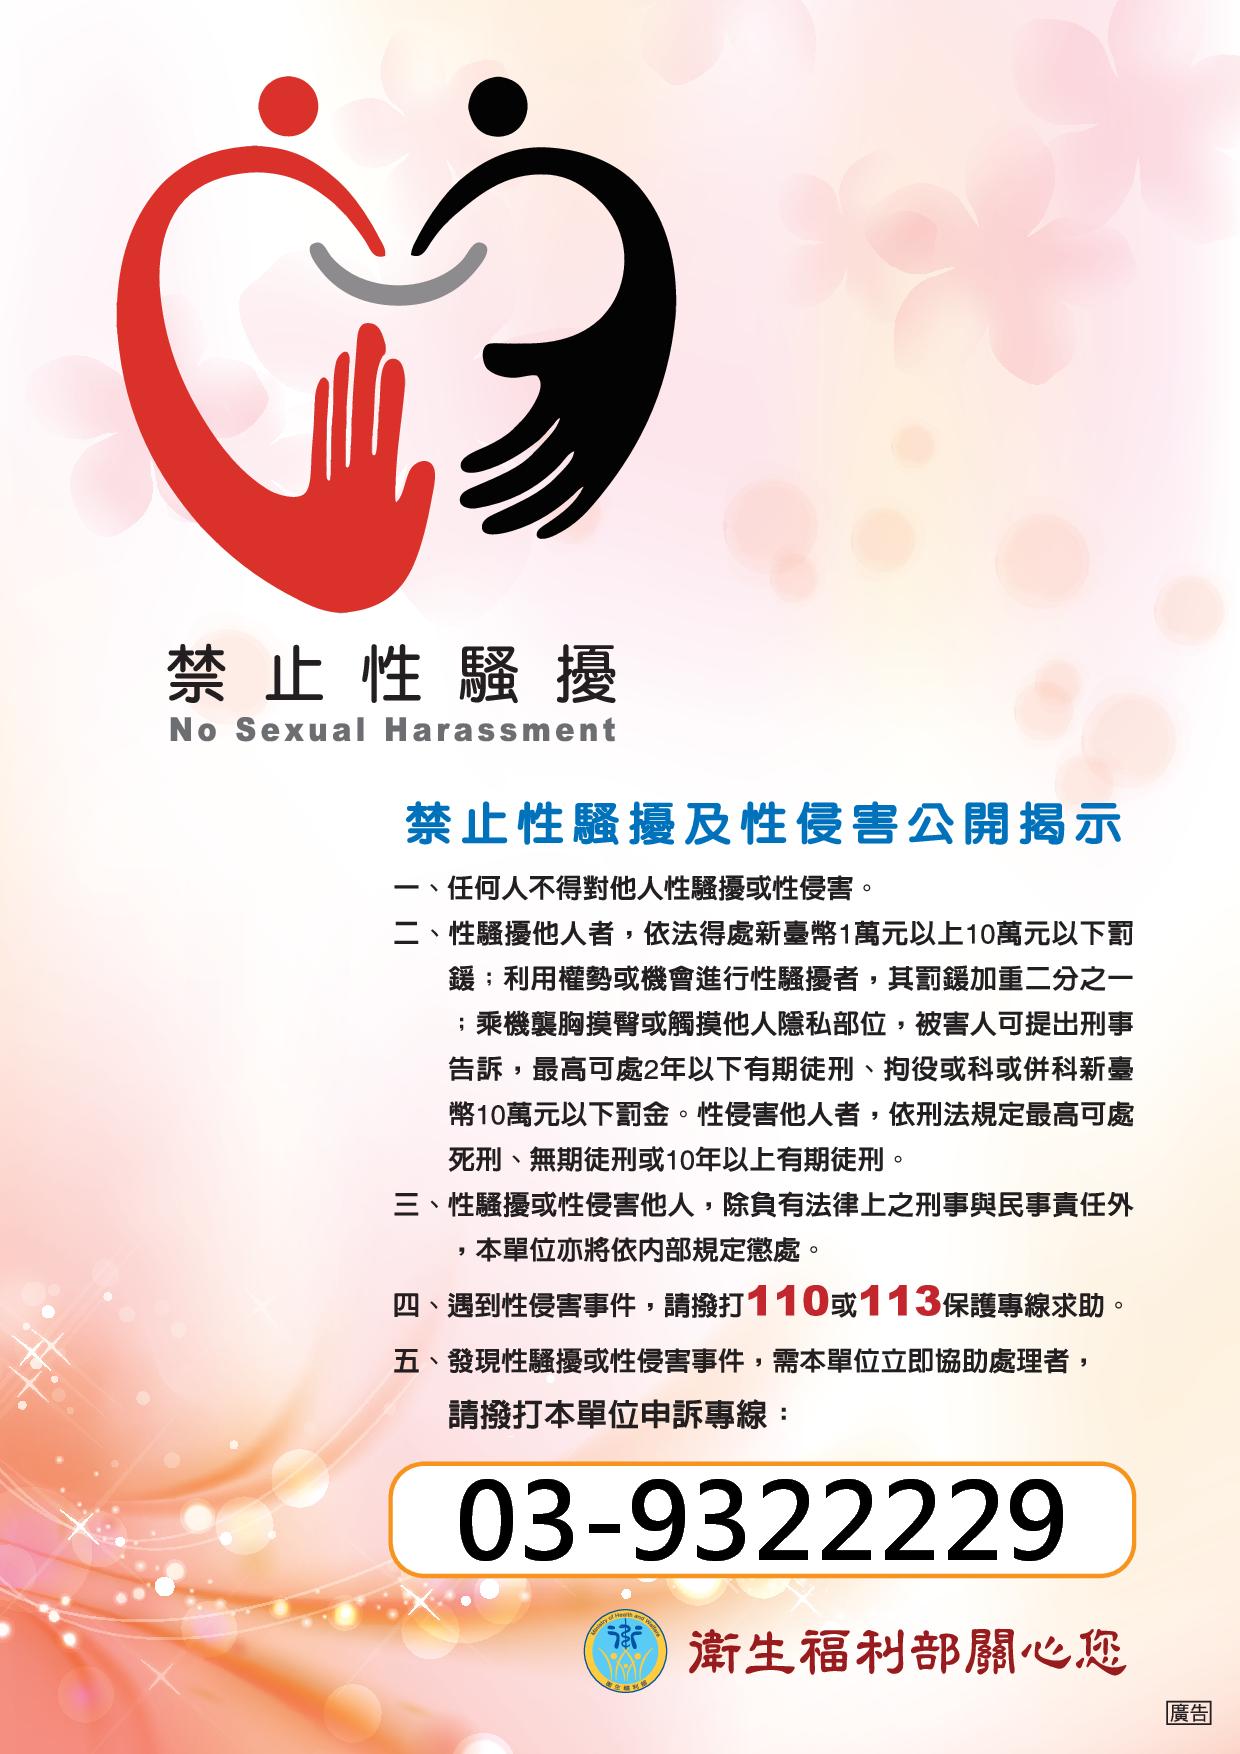 禁止性騷擾及性侵害公開揭示海報-a4-網路用02